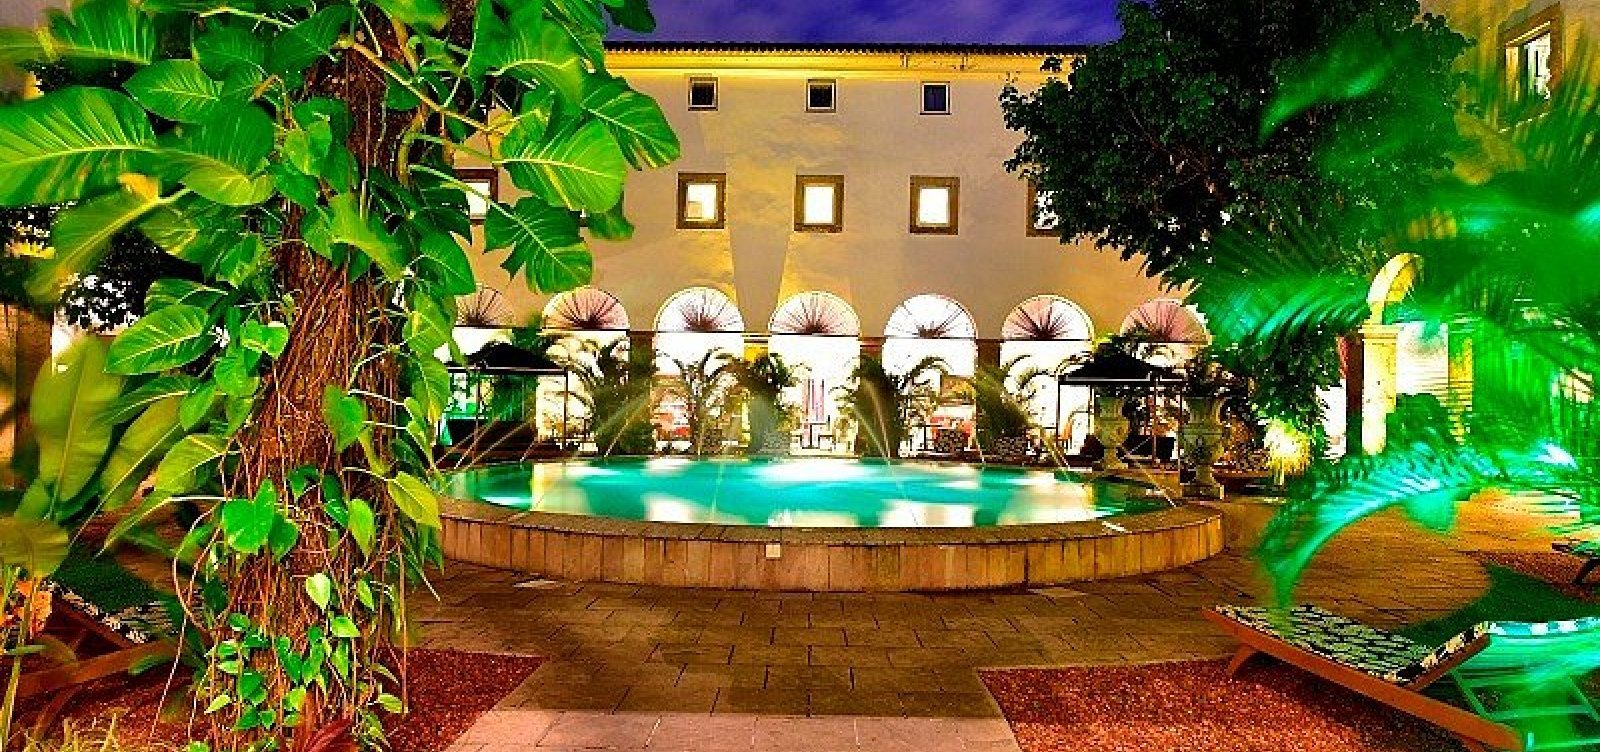 Após nove meses fechado, Hotel Convento do Carmo será reaberto com nova administração